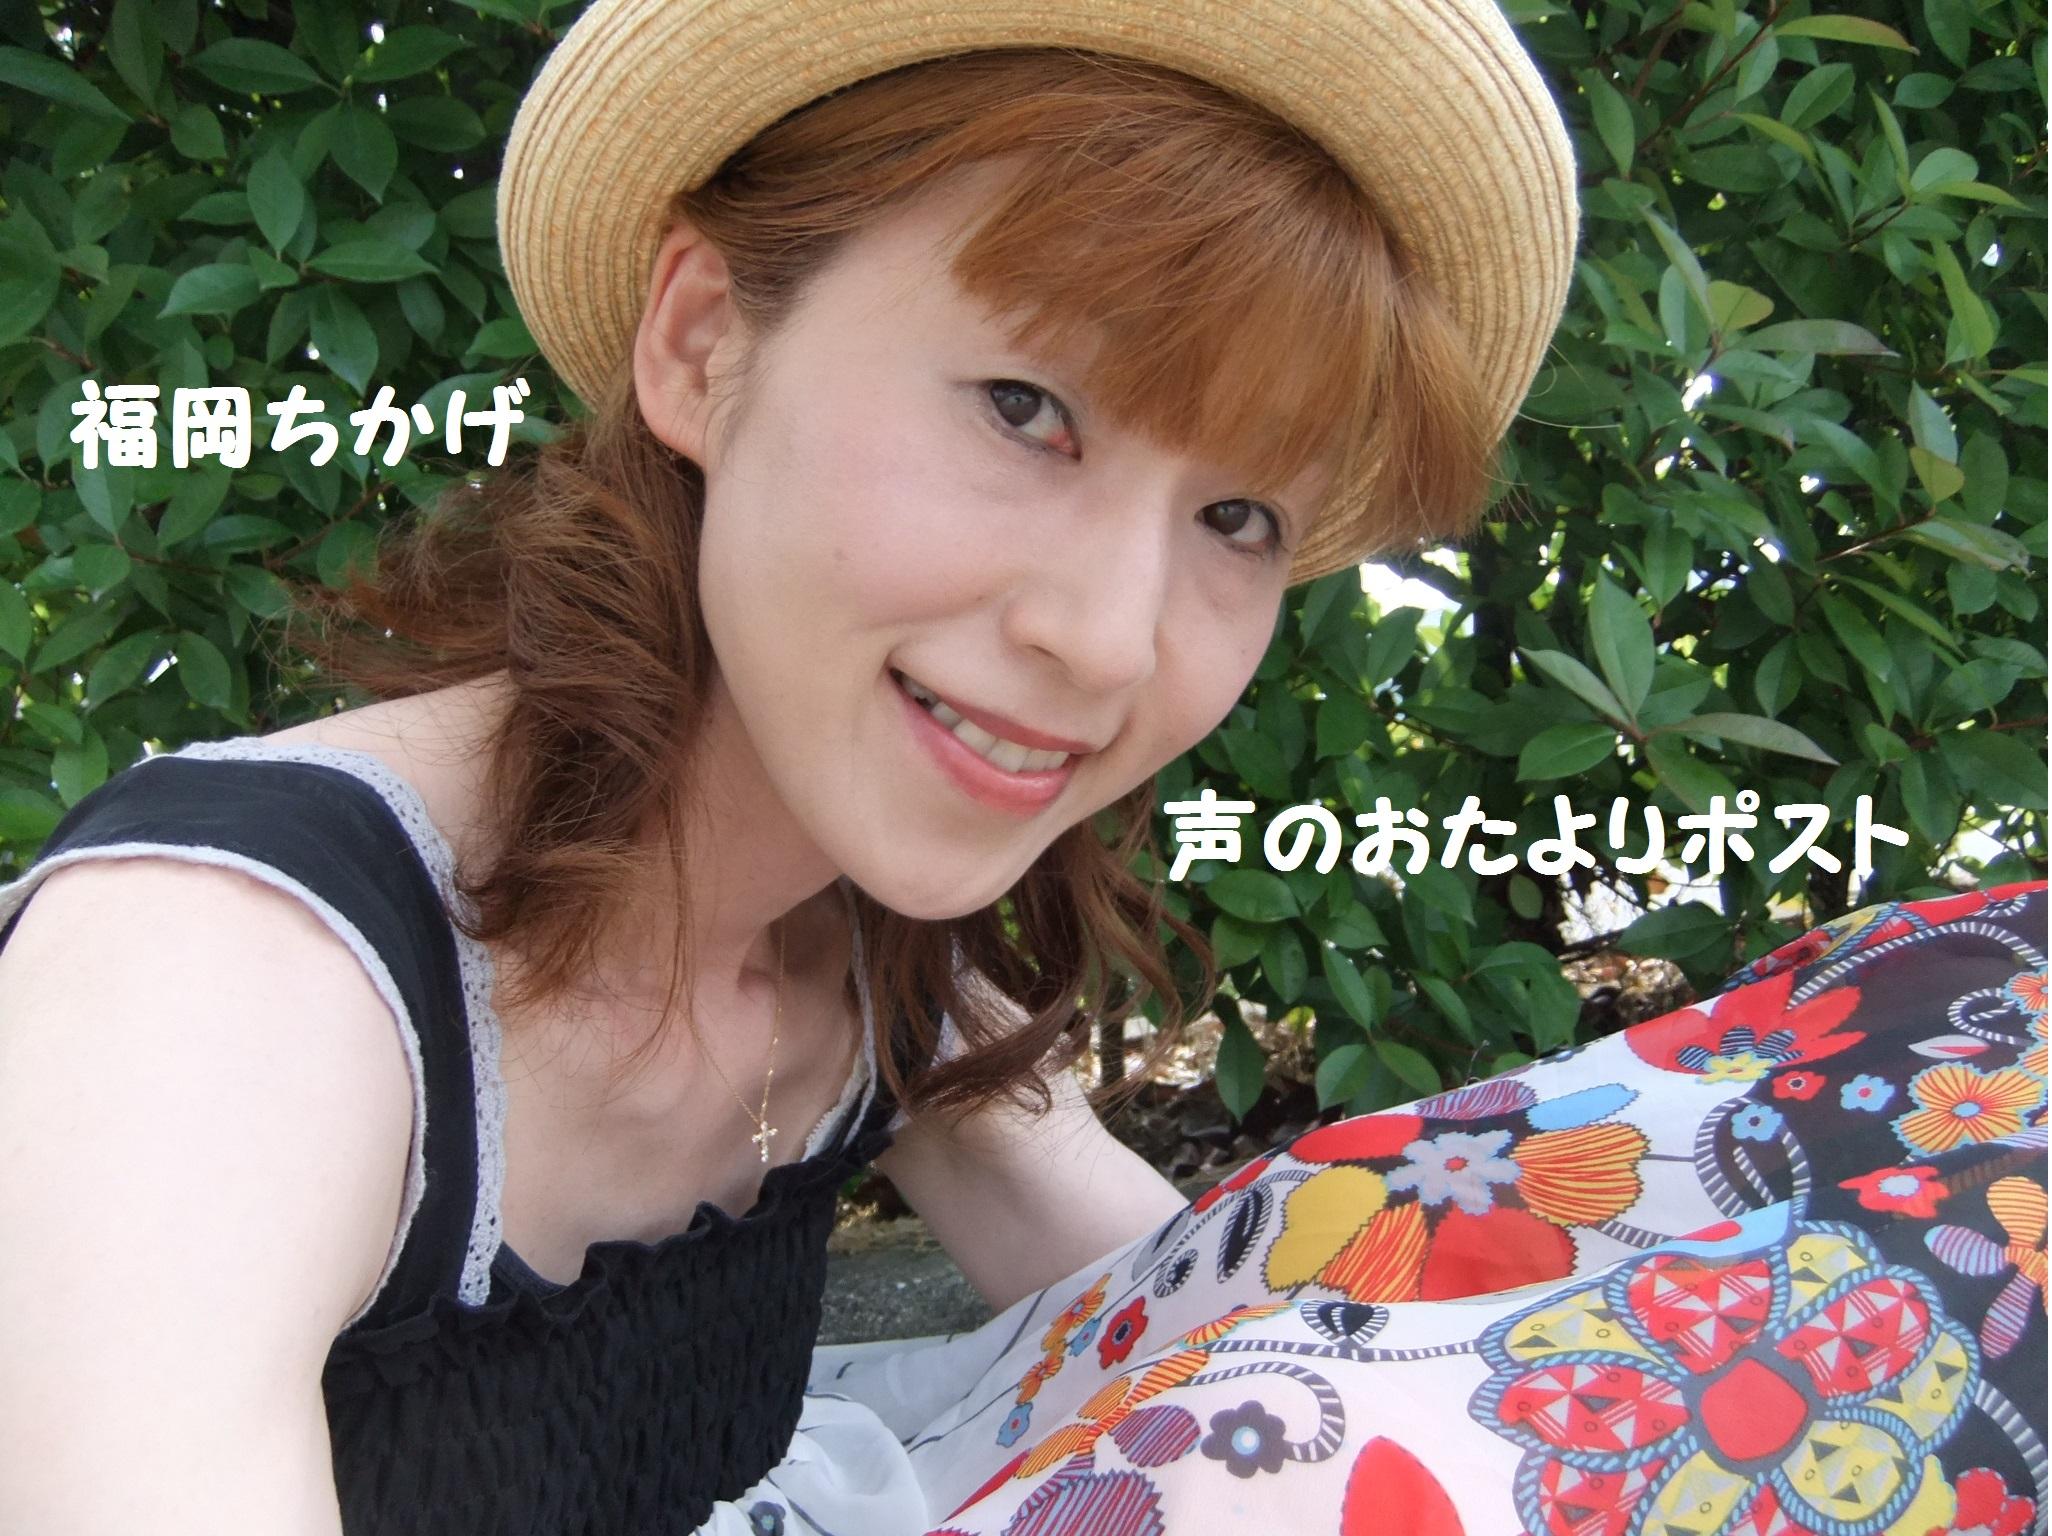 福岡ちかげ~笑顔の声~(歌&朗読)